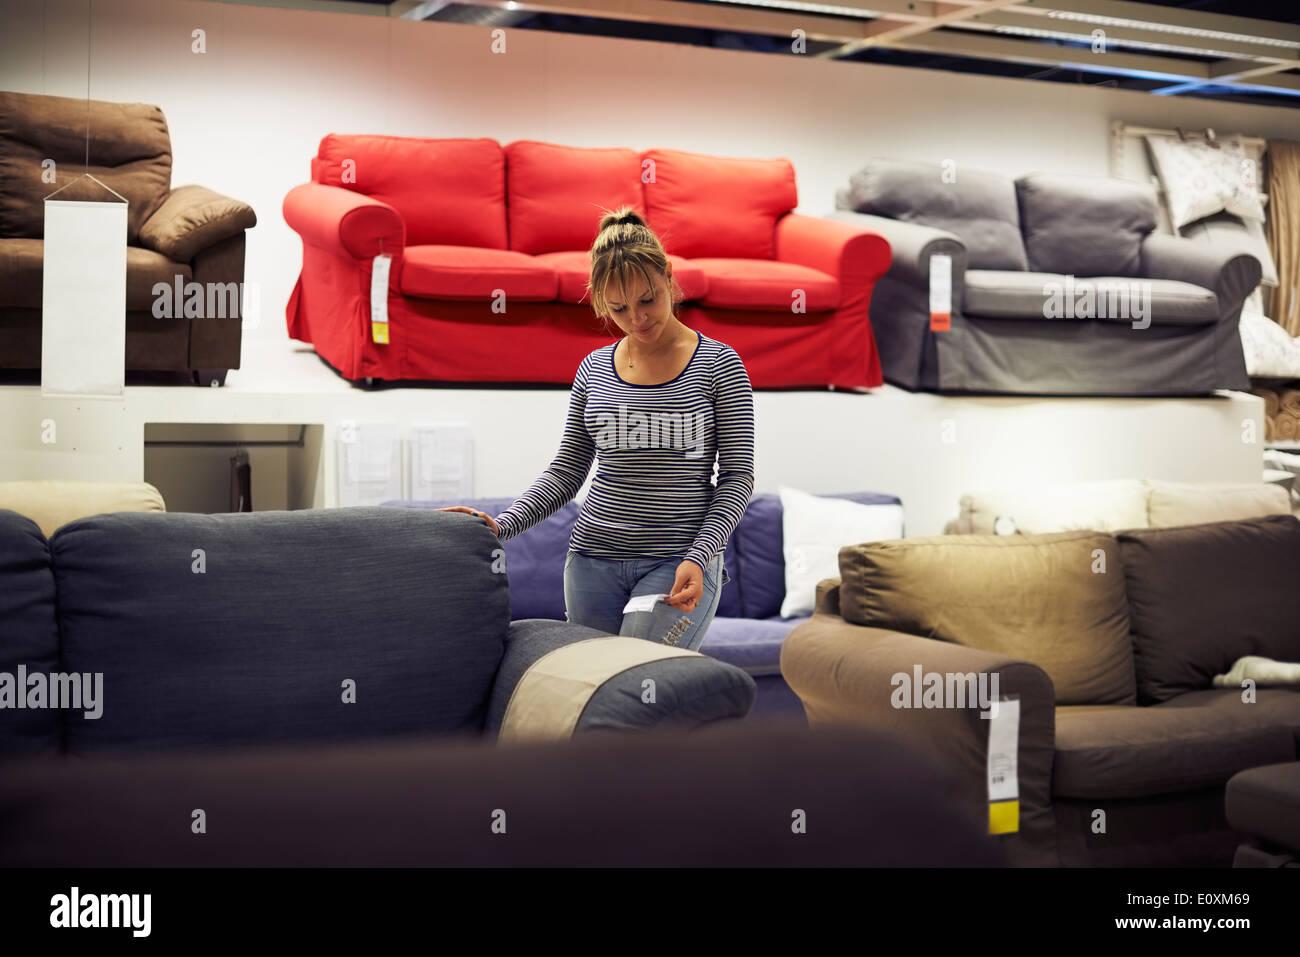 Joven hispana la compra de muebles, sofás y decoración para el hogar en la tienda Imagen De Stock